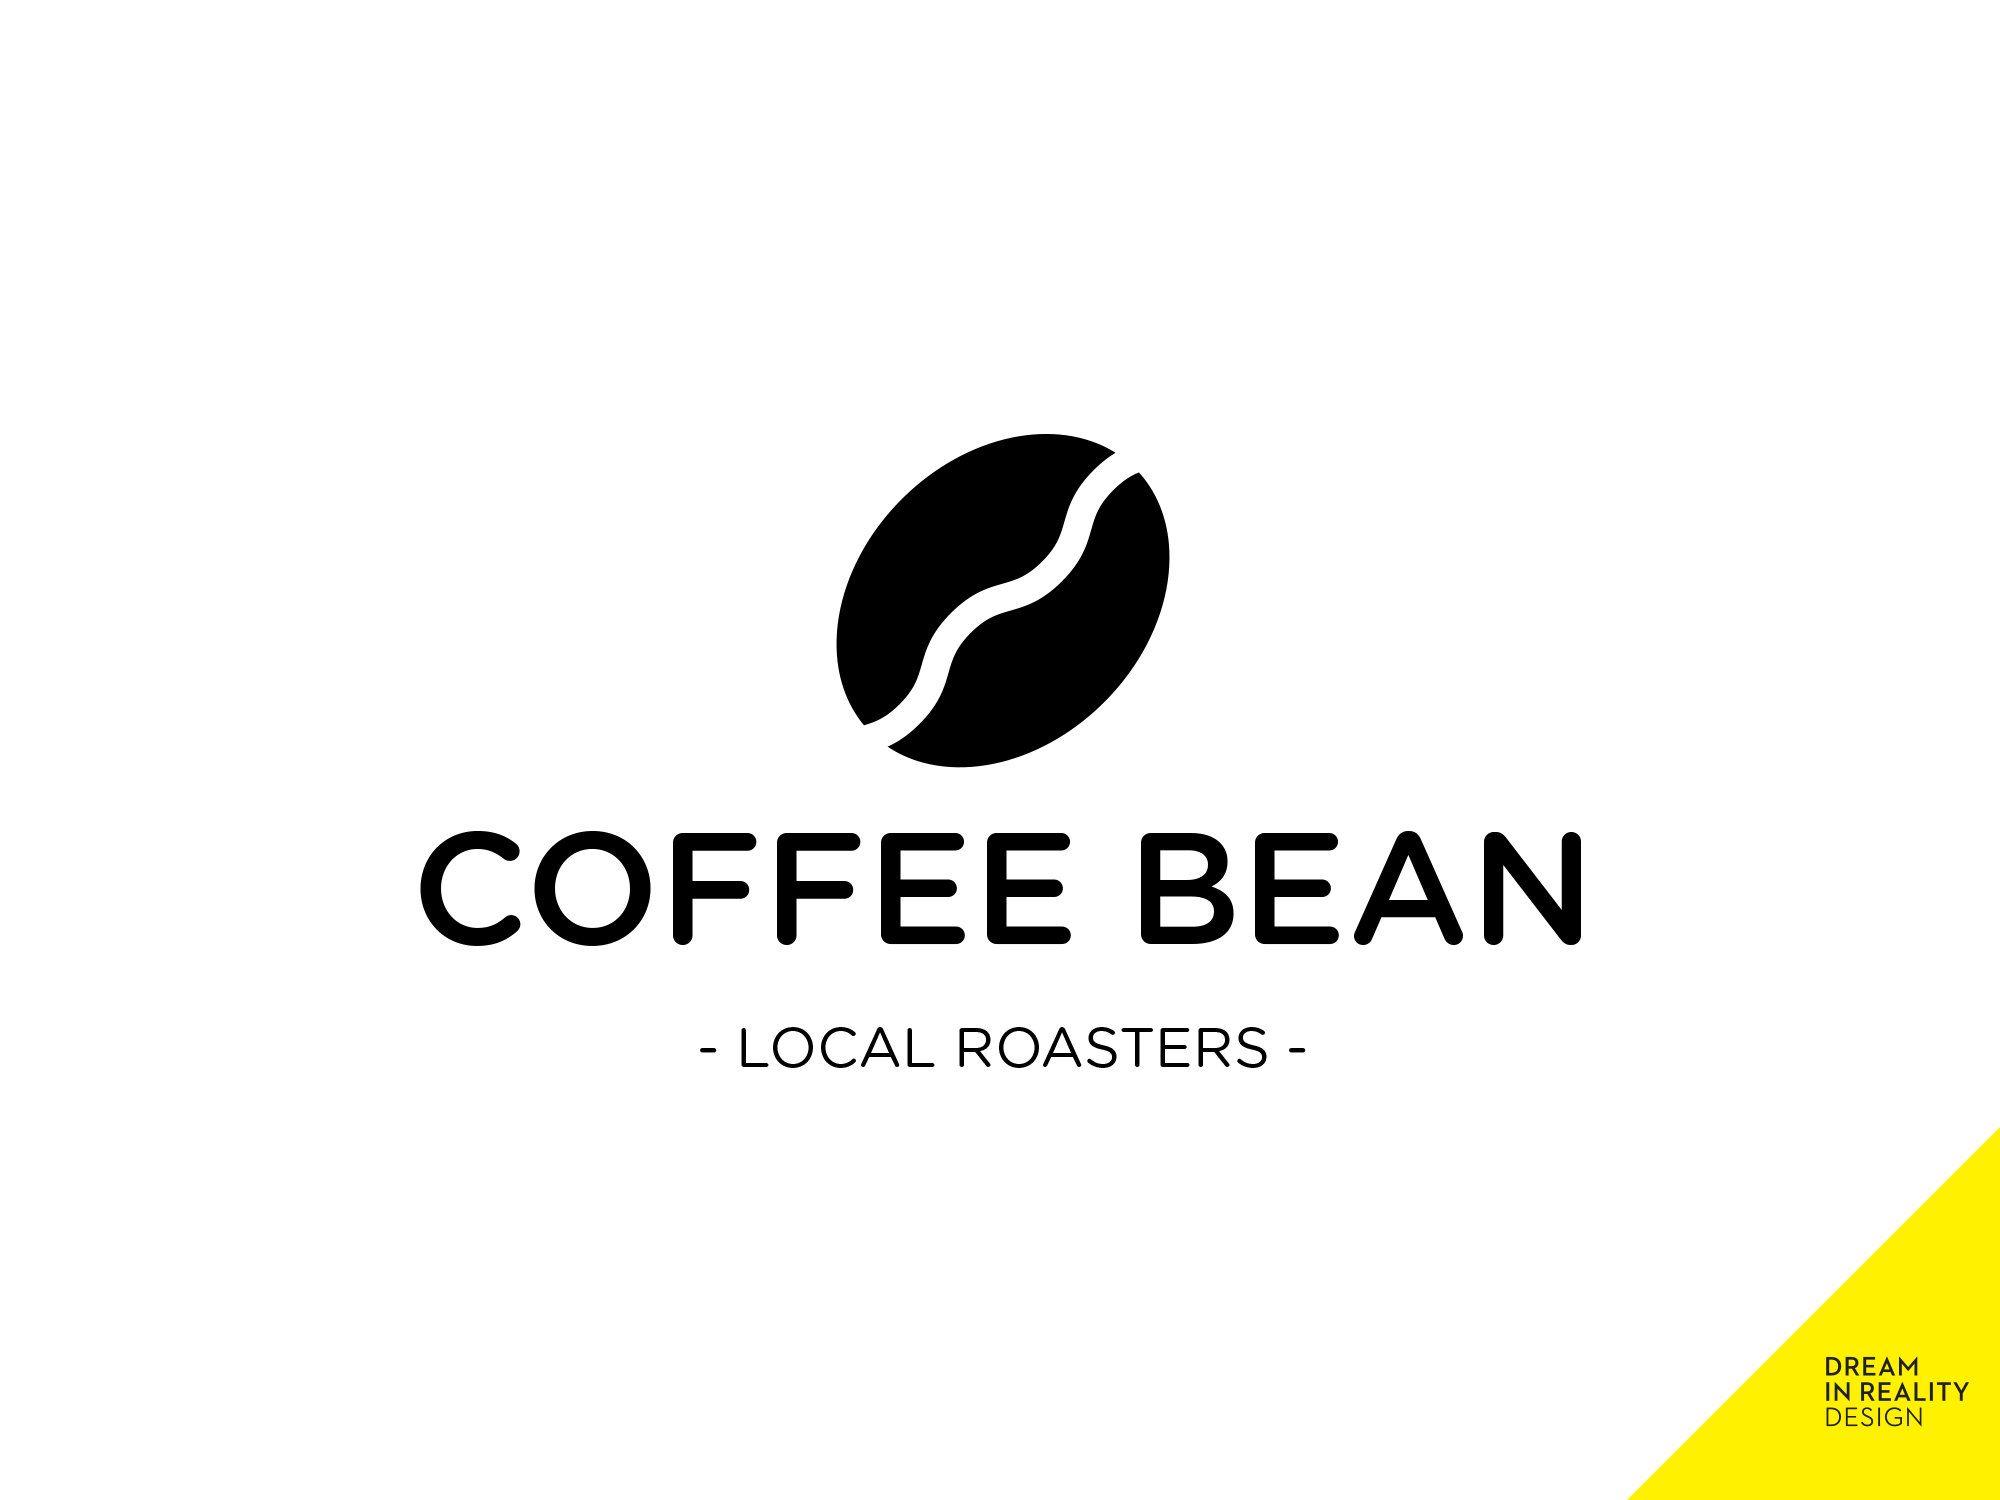 Coffee Shop Logo Design Coffee Bean Logo Minimalist Cafe Logo Coffee Brand Logo Coffee Branding Coffee Shop Logo Design Logo Design Coffee Shop Logo Design